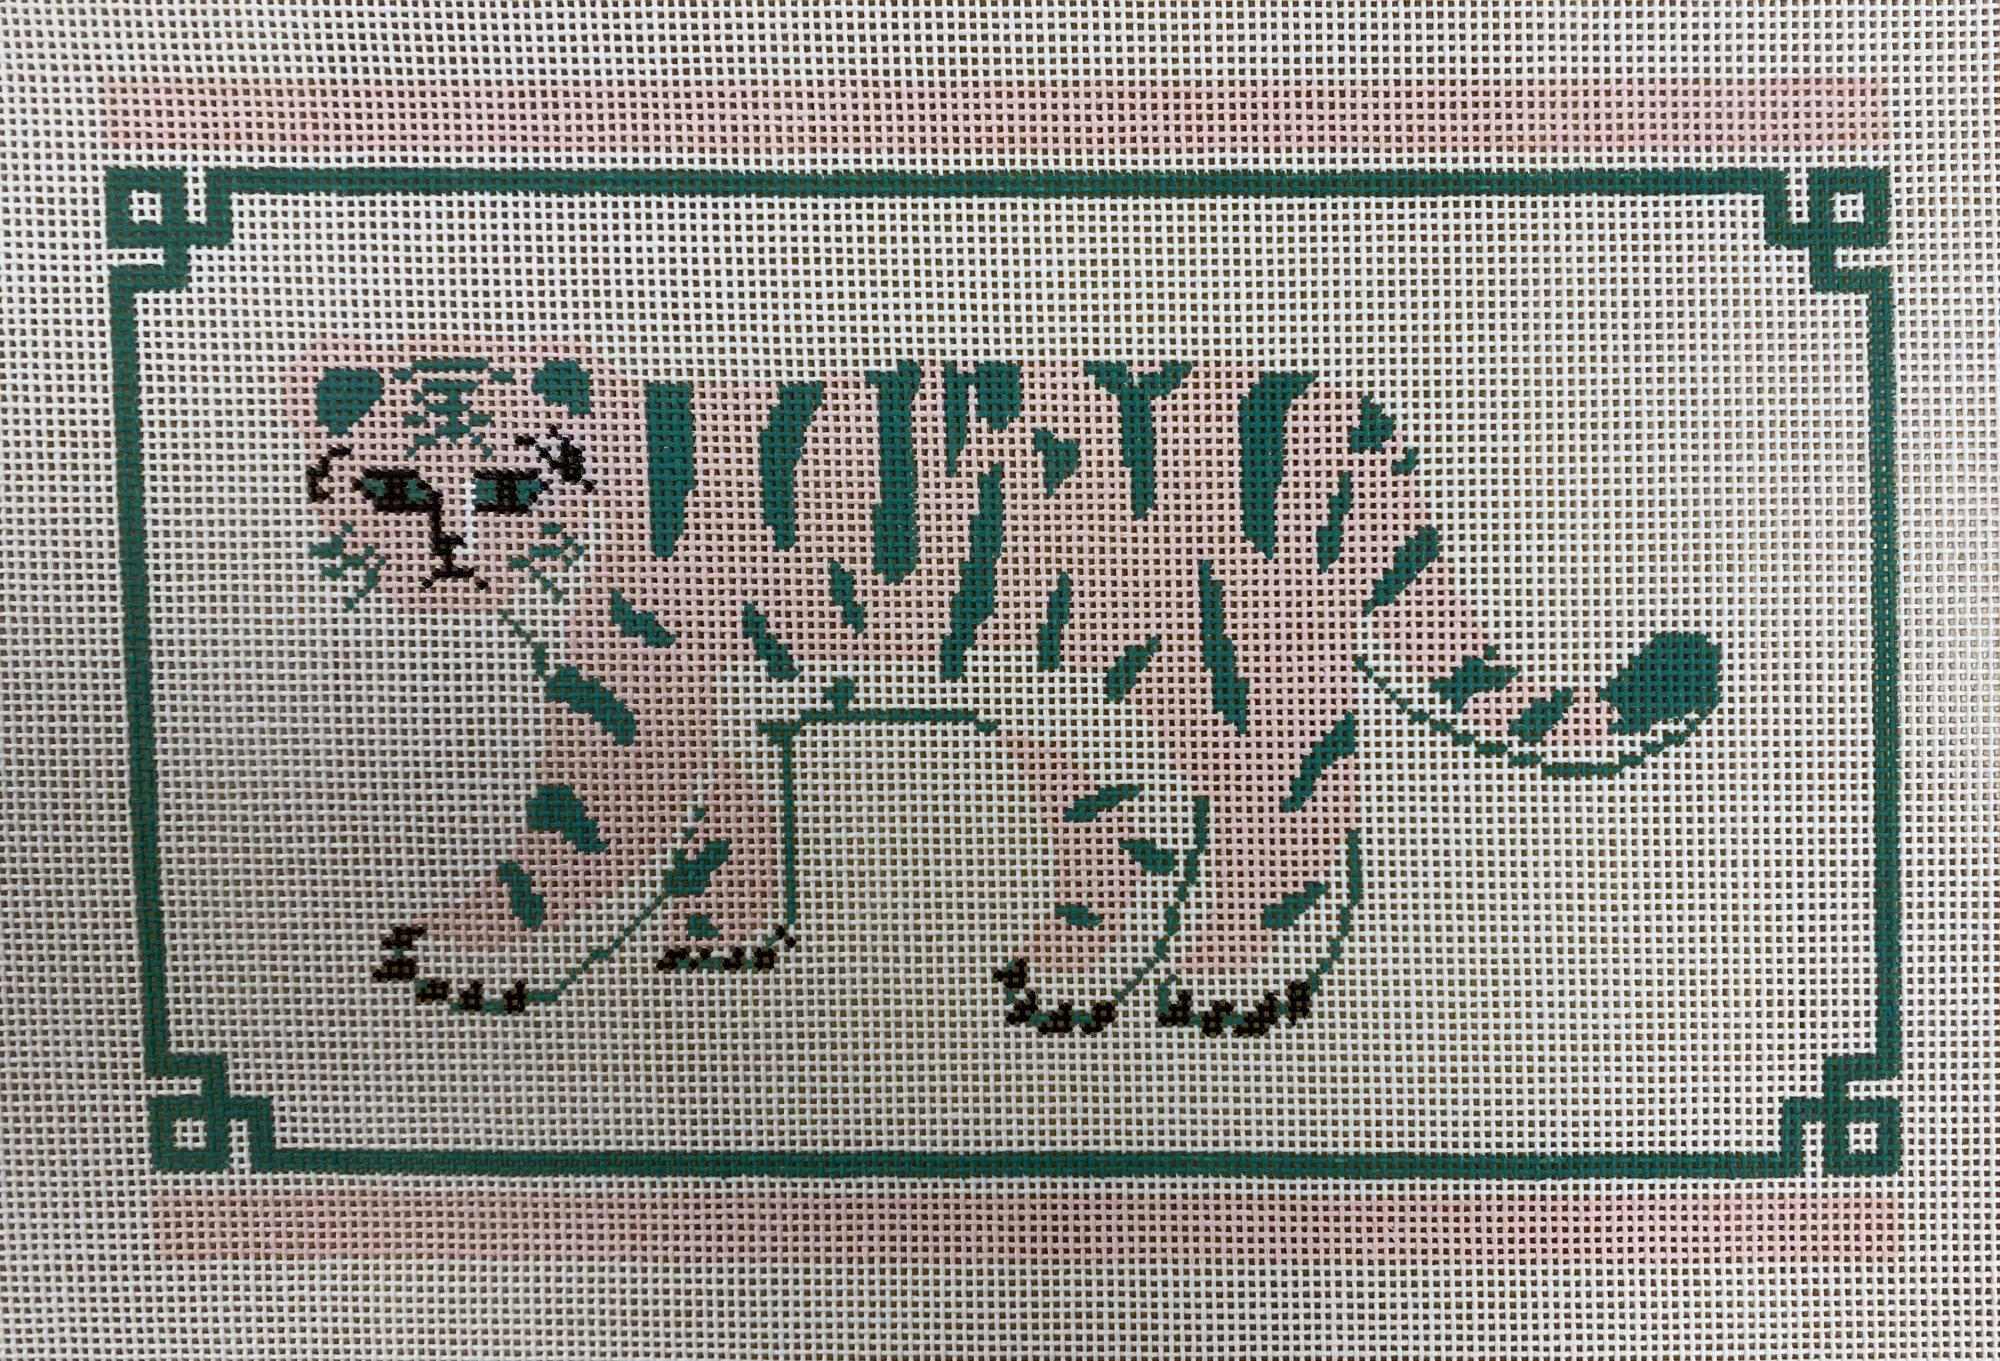 preppy tiger